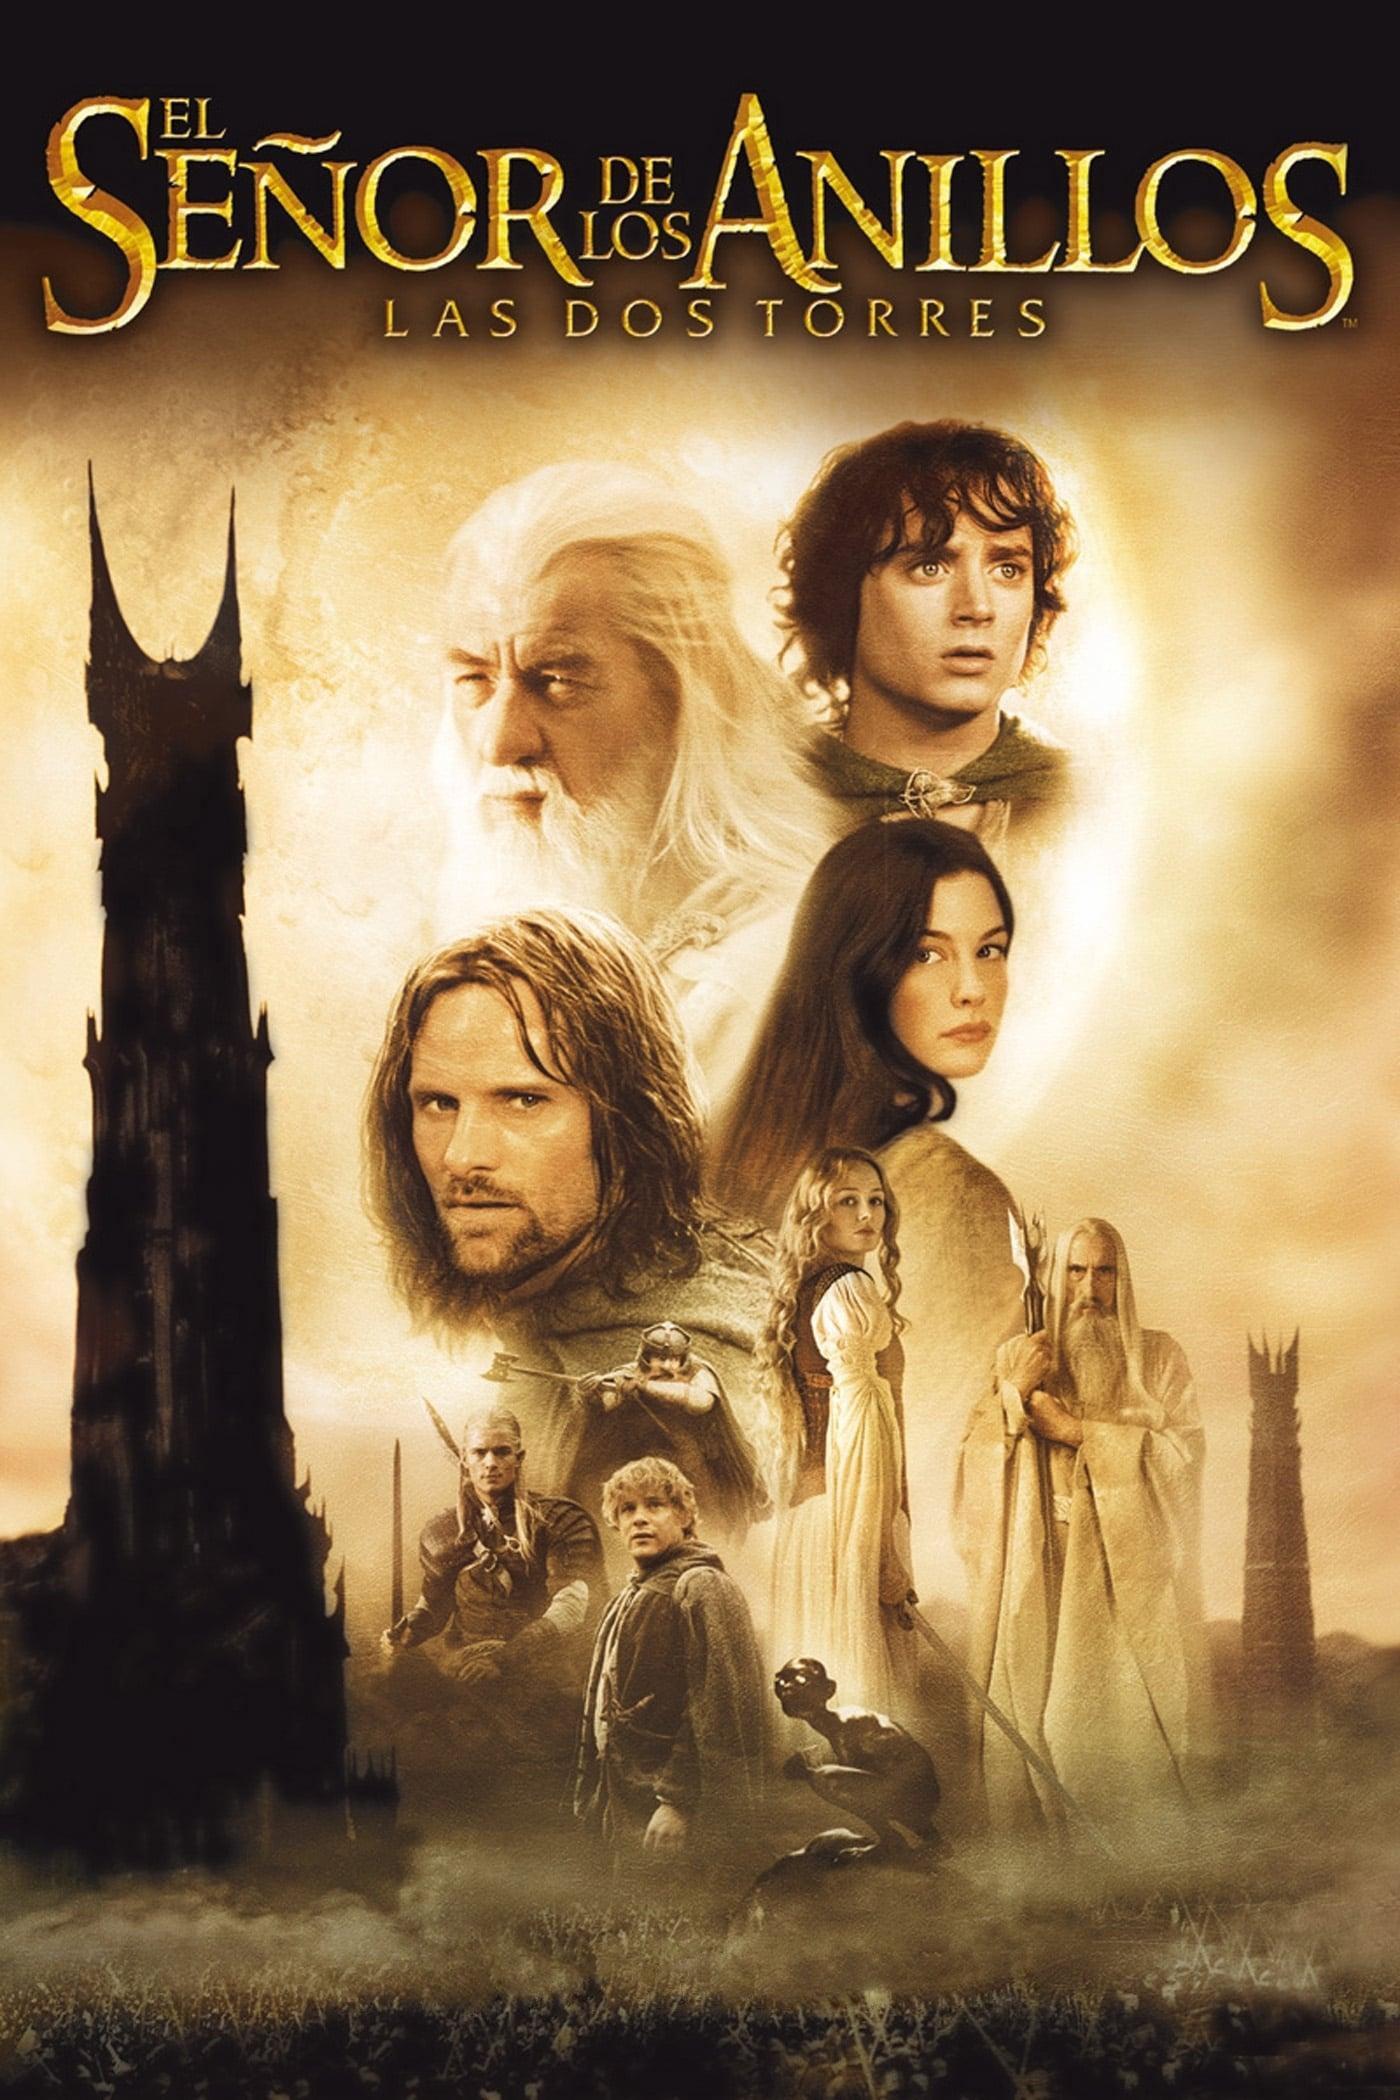 Imagen El señor de los anillos: Las dos torres